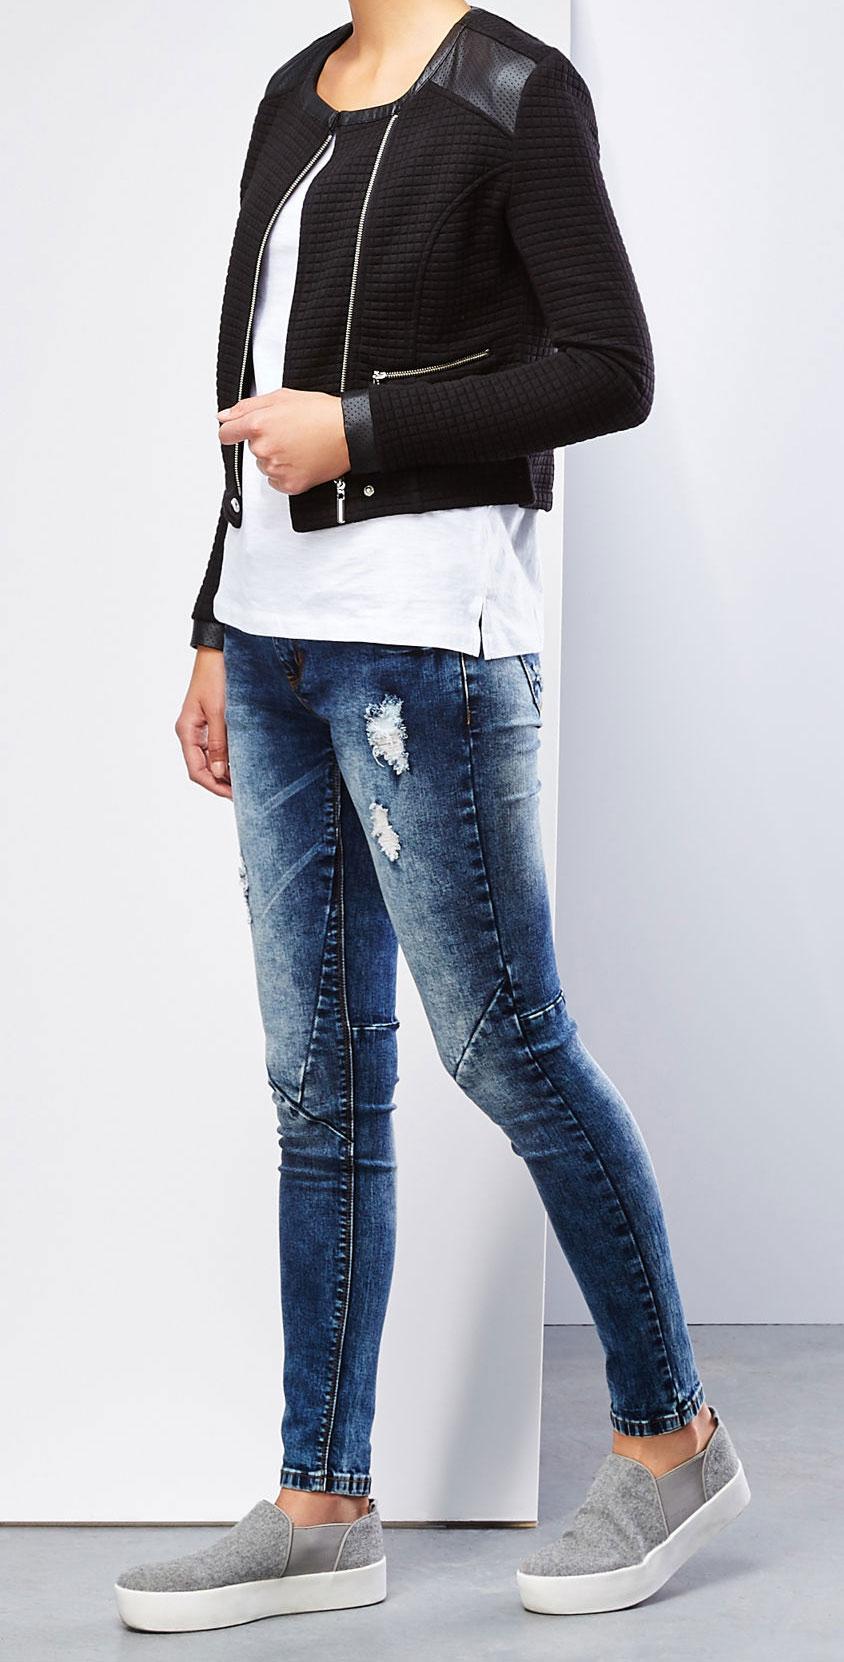 Джинсы женские. Z-JE-1810Z-JE-1810_NAVYМодные женские джинсы Moodo станут отличным дополнением к вашему гардеробу. Изготовленные из эластичного хлопка, они мягкие и приятные на ощупь, не сковывают движения и позволяют коже дышать. Джинсы-слим на поясе застегиваются на металлическую пуговицу и имеют ширинку на застежке-молнии, а также шлевки для ремня. Модель имеет классический пятикарманный крой: спереди - два втачных кармана и один маленький накладной, а сзади - два накладных кармана. Изделие оформлено легким эффектом искусственного состаривания денима: прорези и потертости. На поясе джинсы дополнены нашивкой с названием бренда. Современный дизайн и расцветка делают эти джинсы стильным предметом одежды. Это идеальный вариант для тех, кто хочет заявить о себе и своей индивидуальности и отразить в имидже собственное мировоззрение.